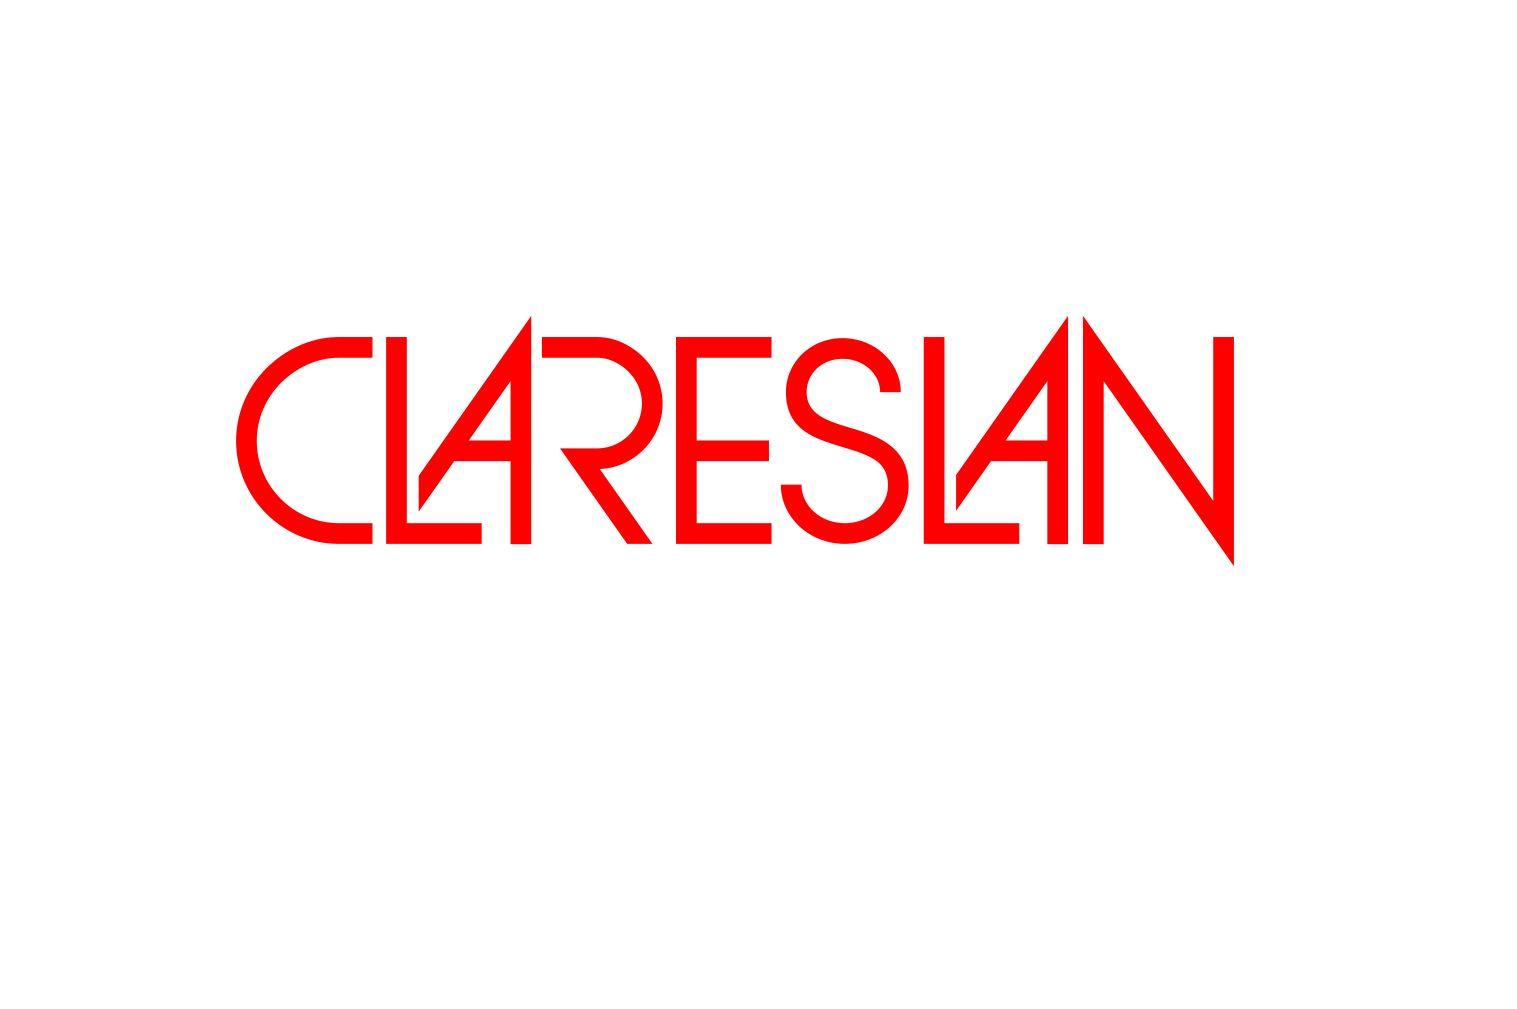 Clareslan